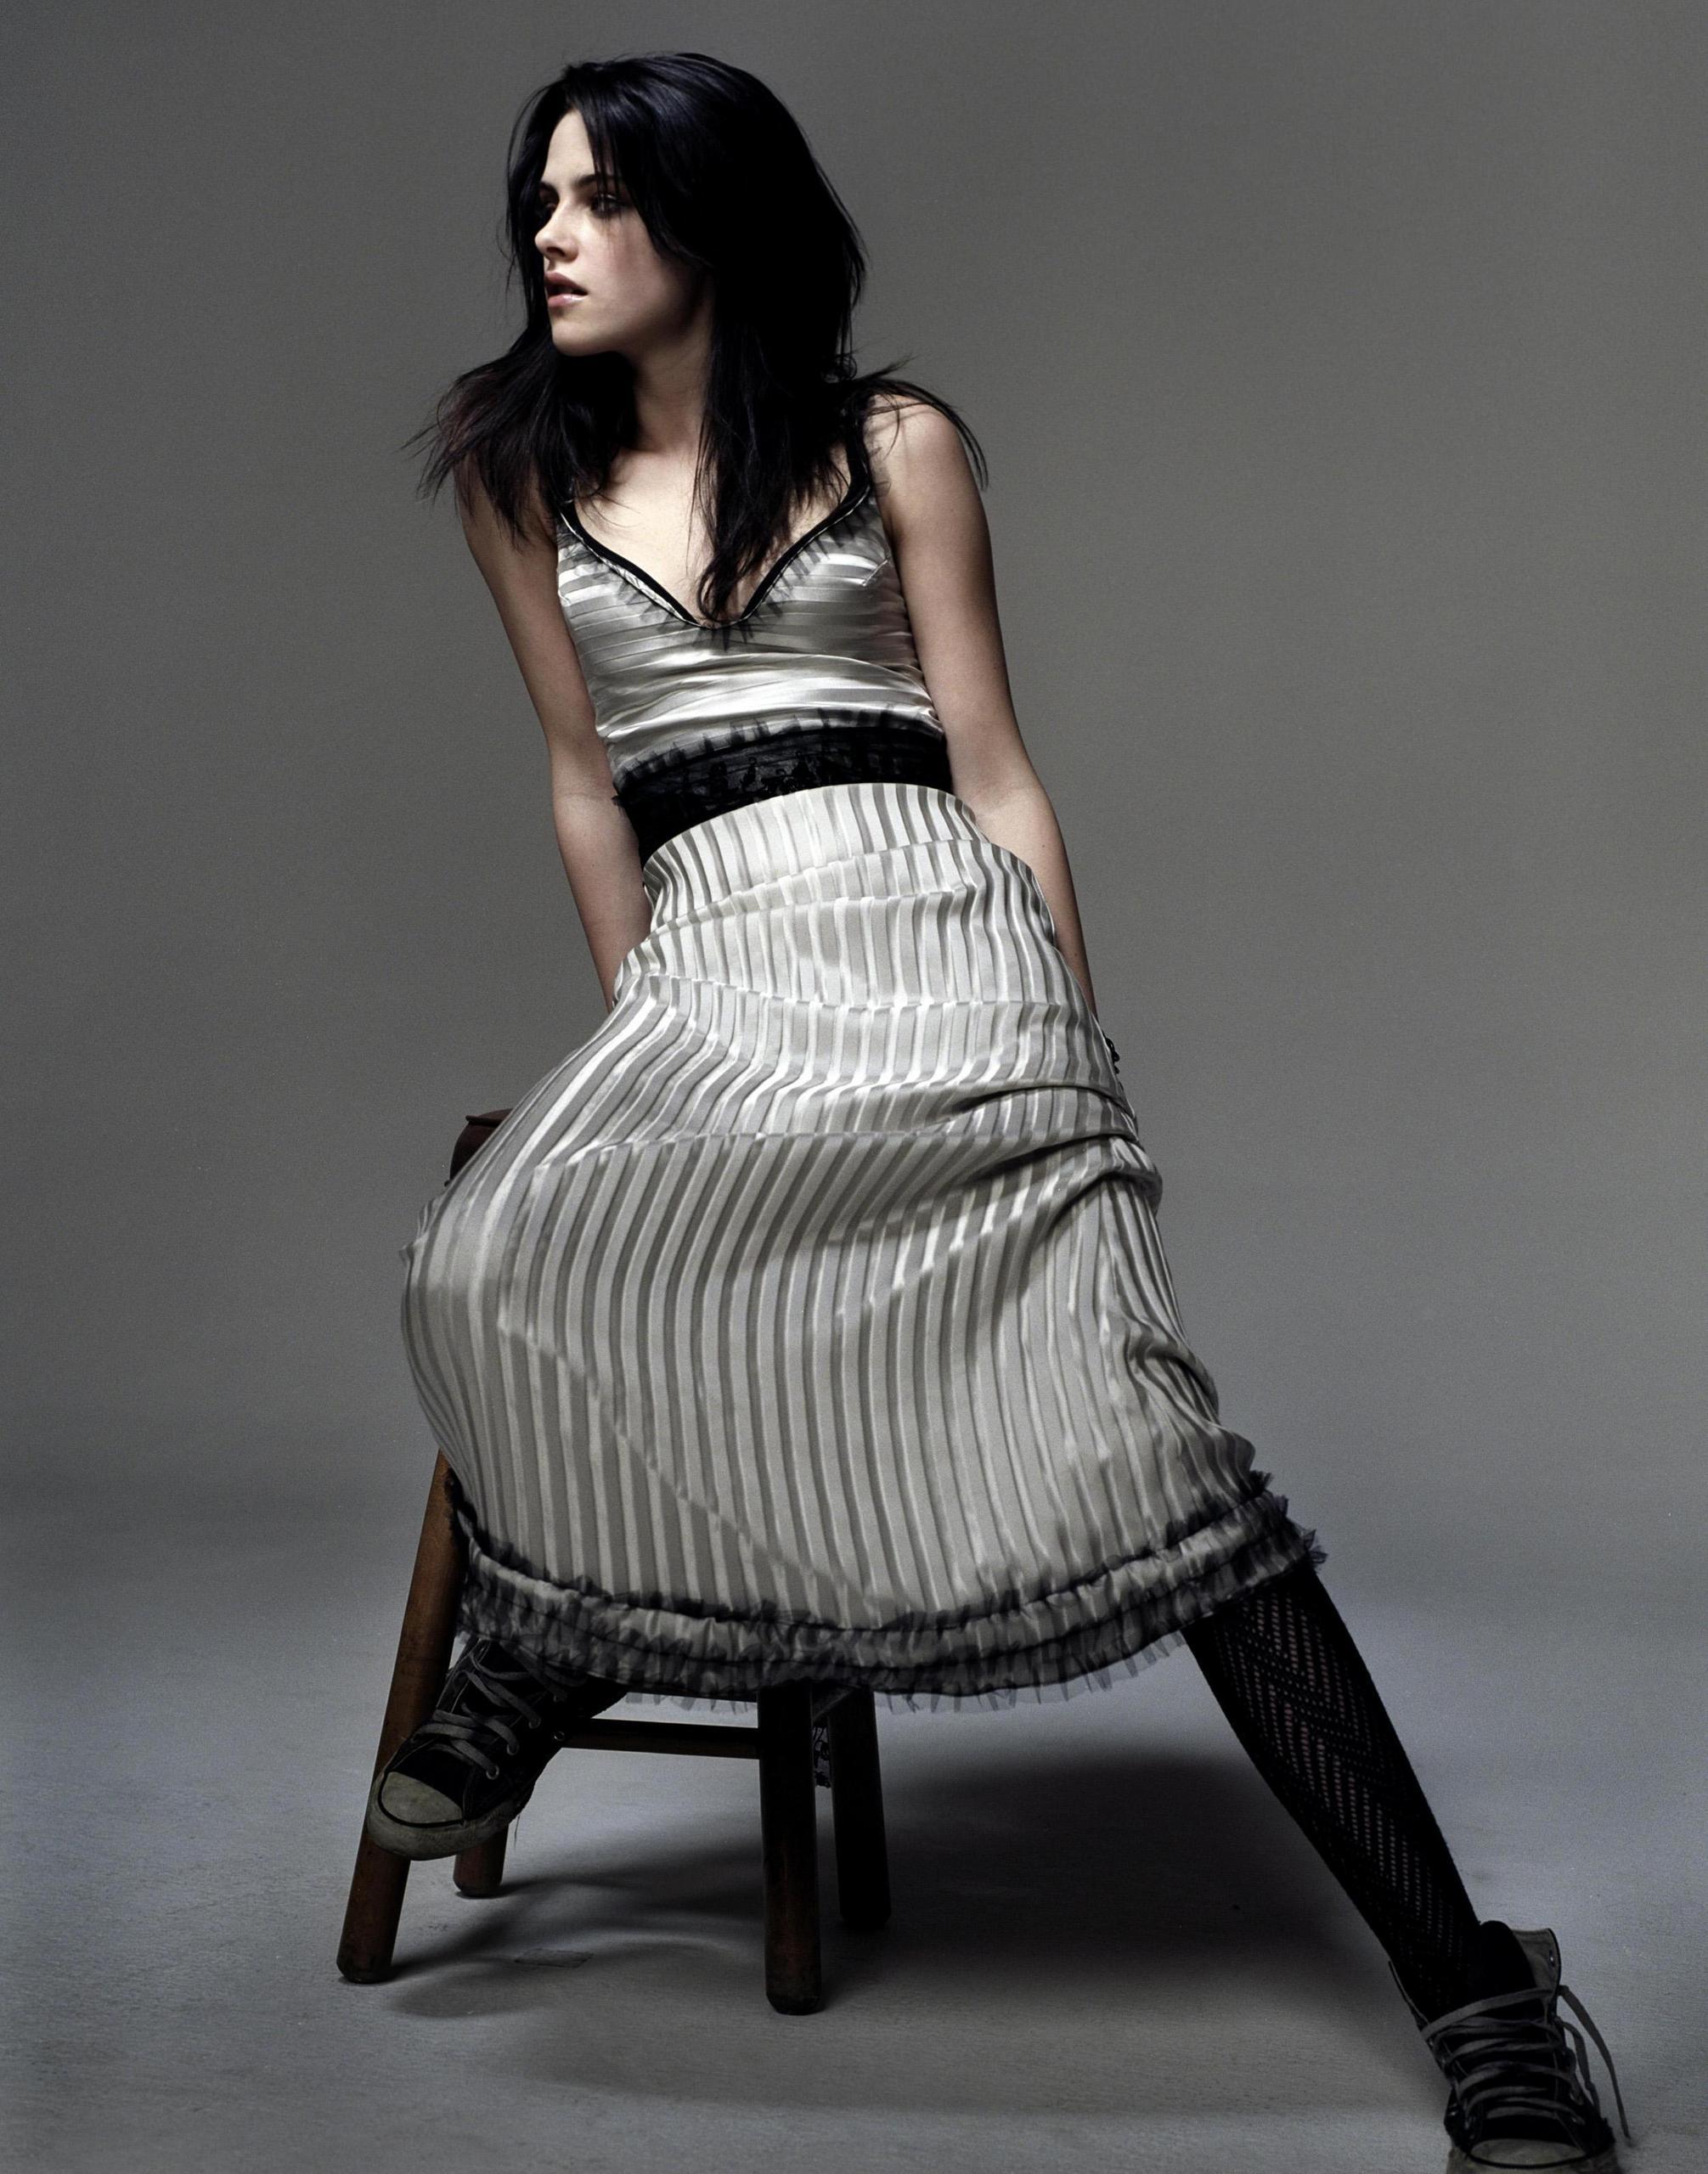 Kristen Stewart - Photos